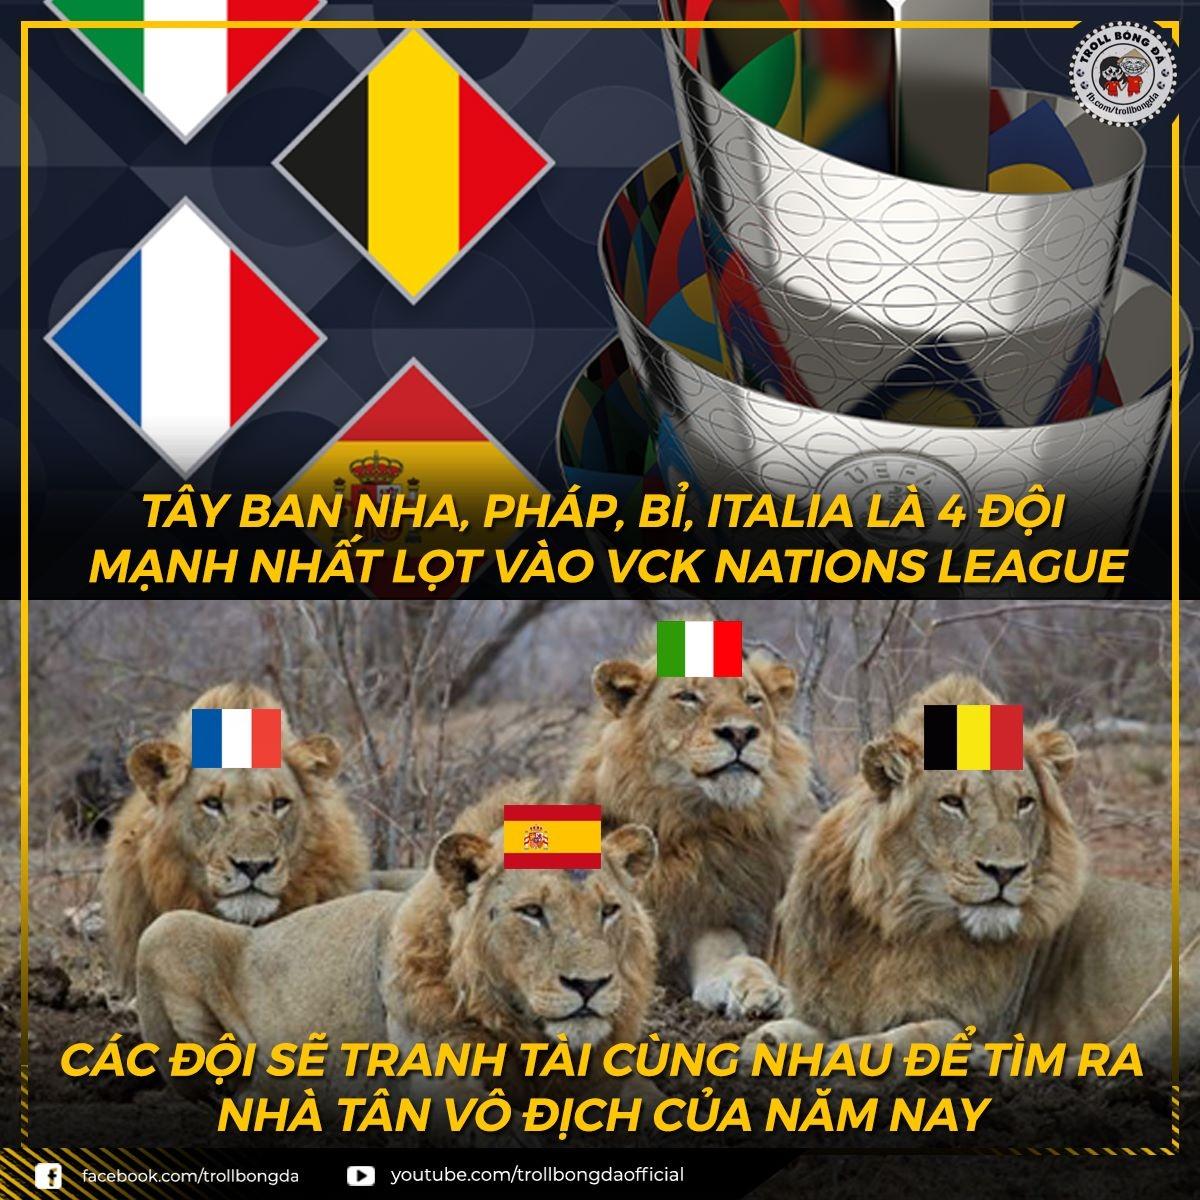 Đại chiến ở VCK UEFA Nations League mùa này. (Ảnh: Troll Bóng Đá)